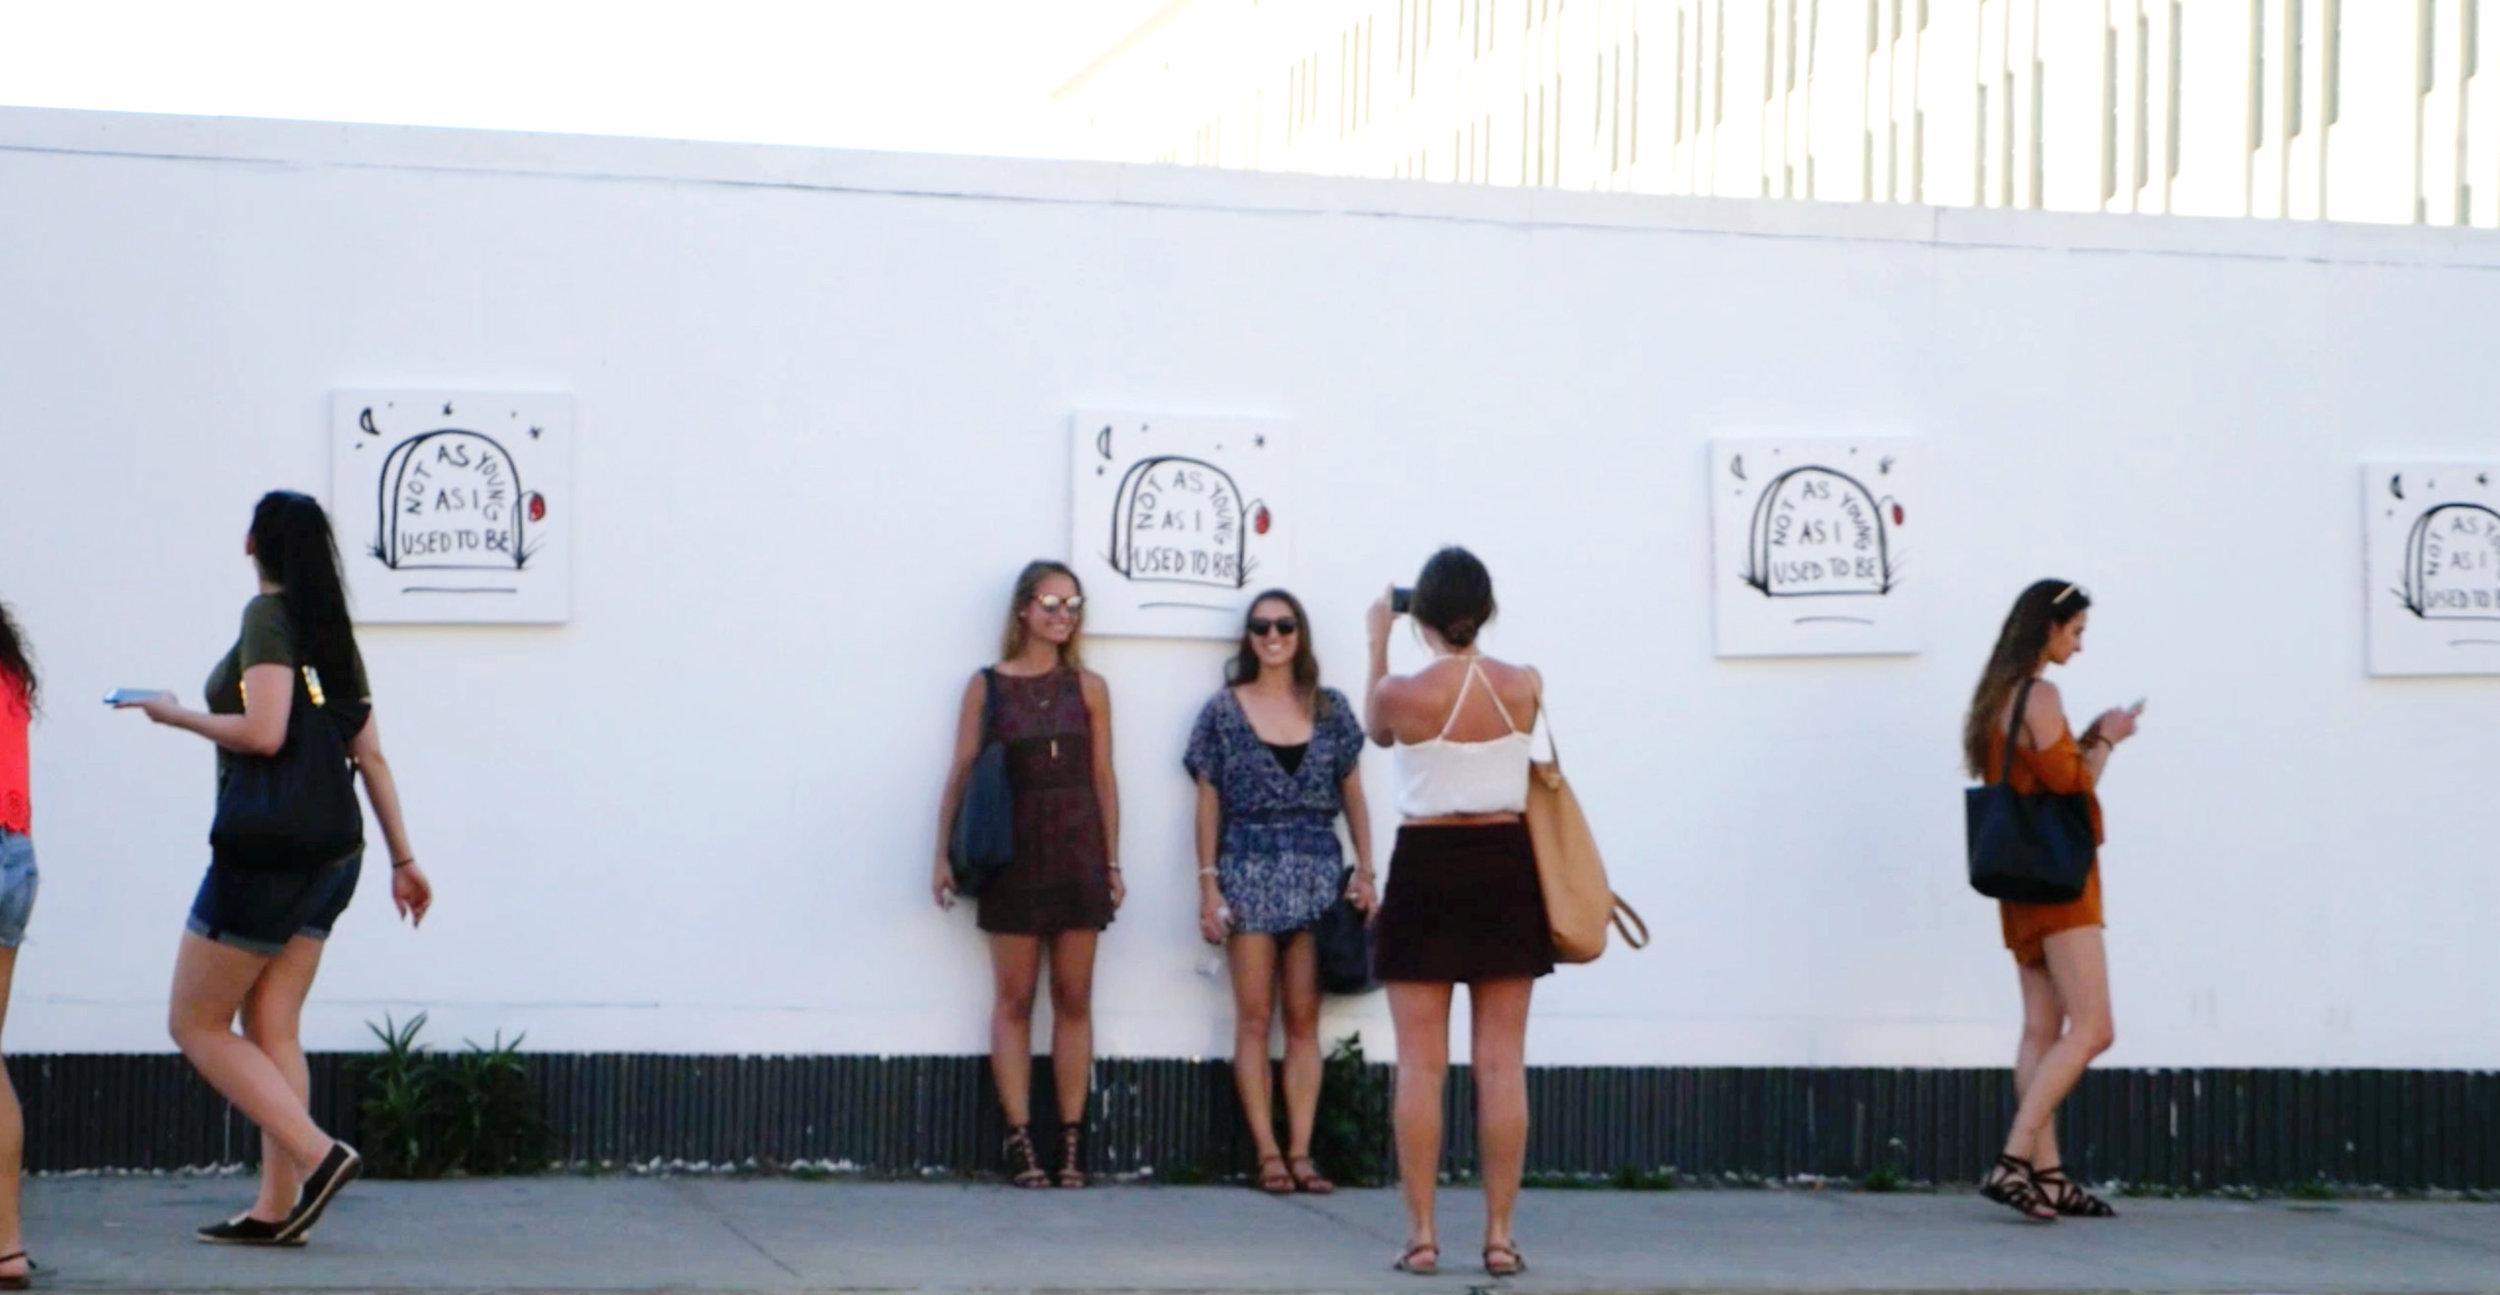 104 Gallery 1.jpg